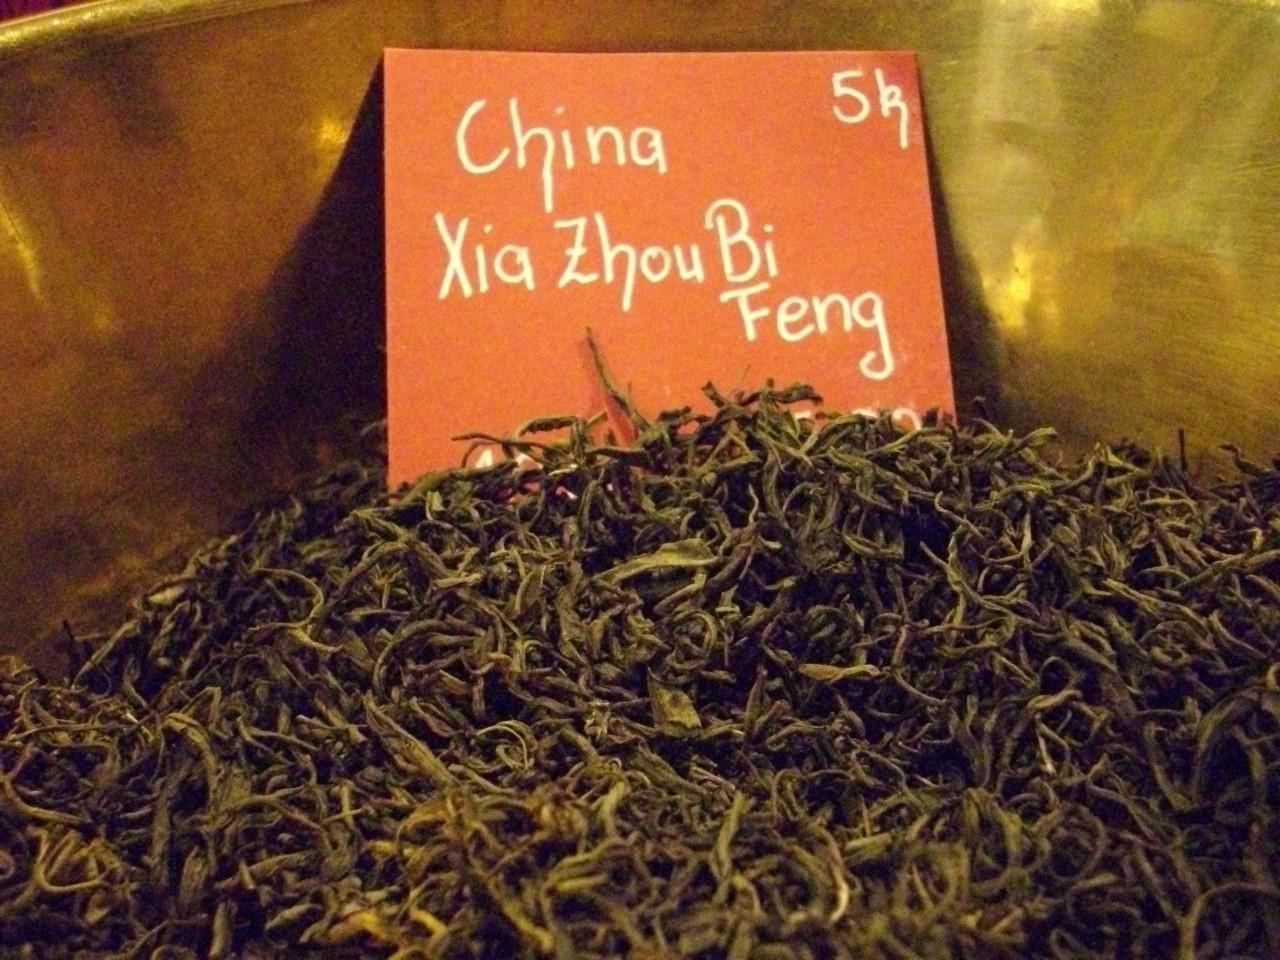 China Xia Zhou Bi Feng